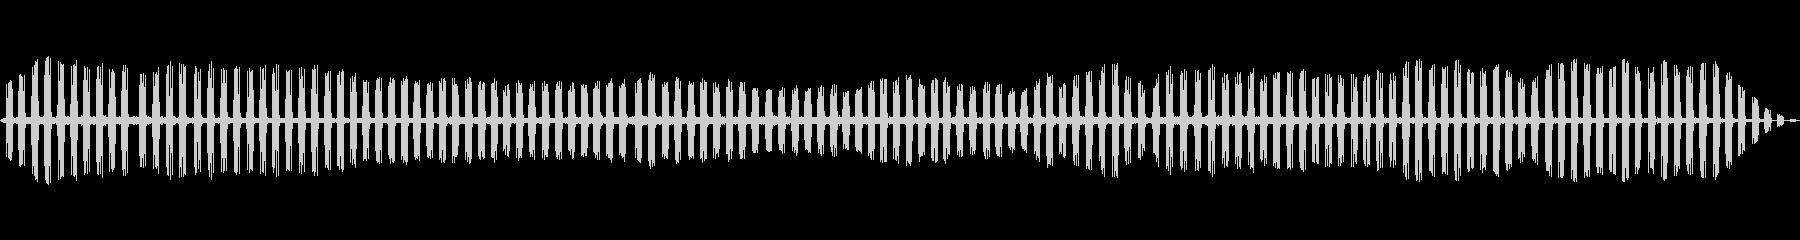 CICADAS、CRICKETS、...の未再生の波形